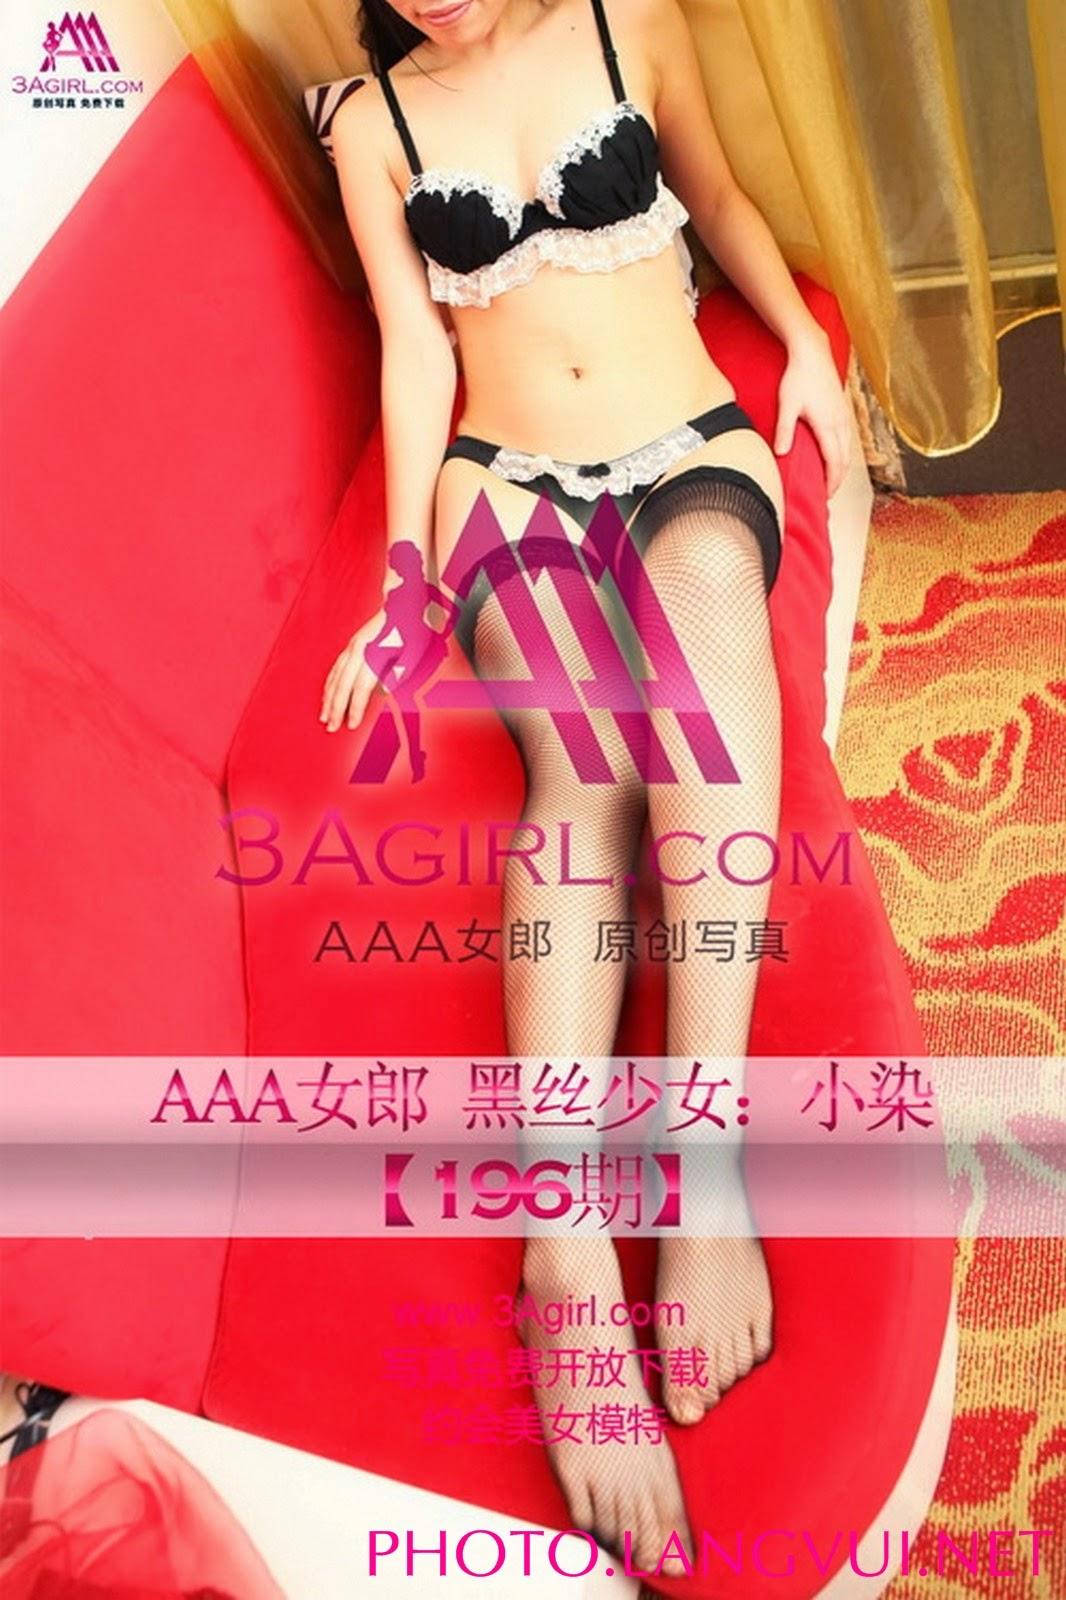 3Agirl AAAgirl No-196